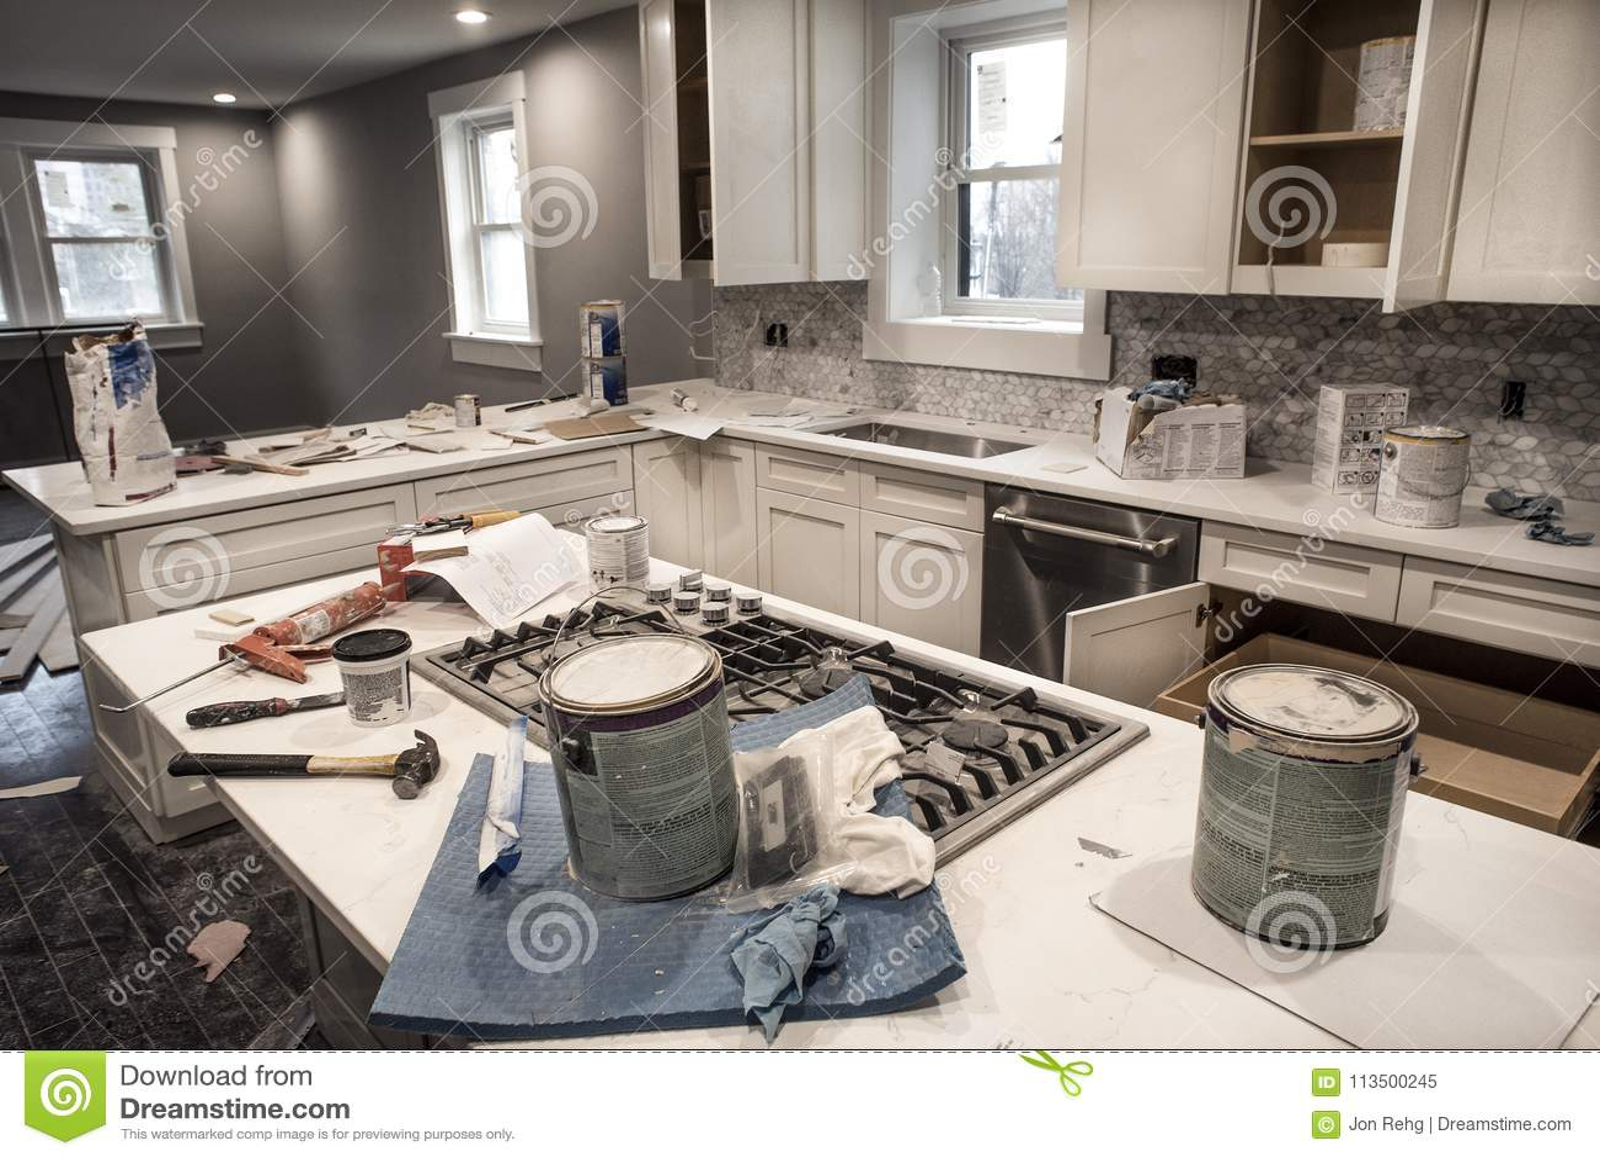 Slordige huiskeuken tijdens het remodelleren van fixeerstof - bovenleer met keukenkastdeuren